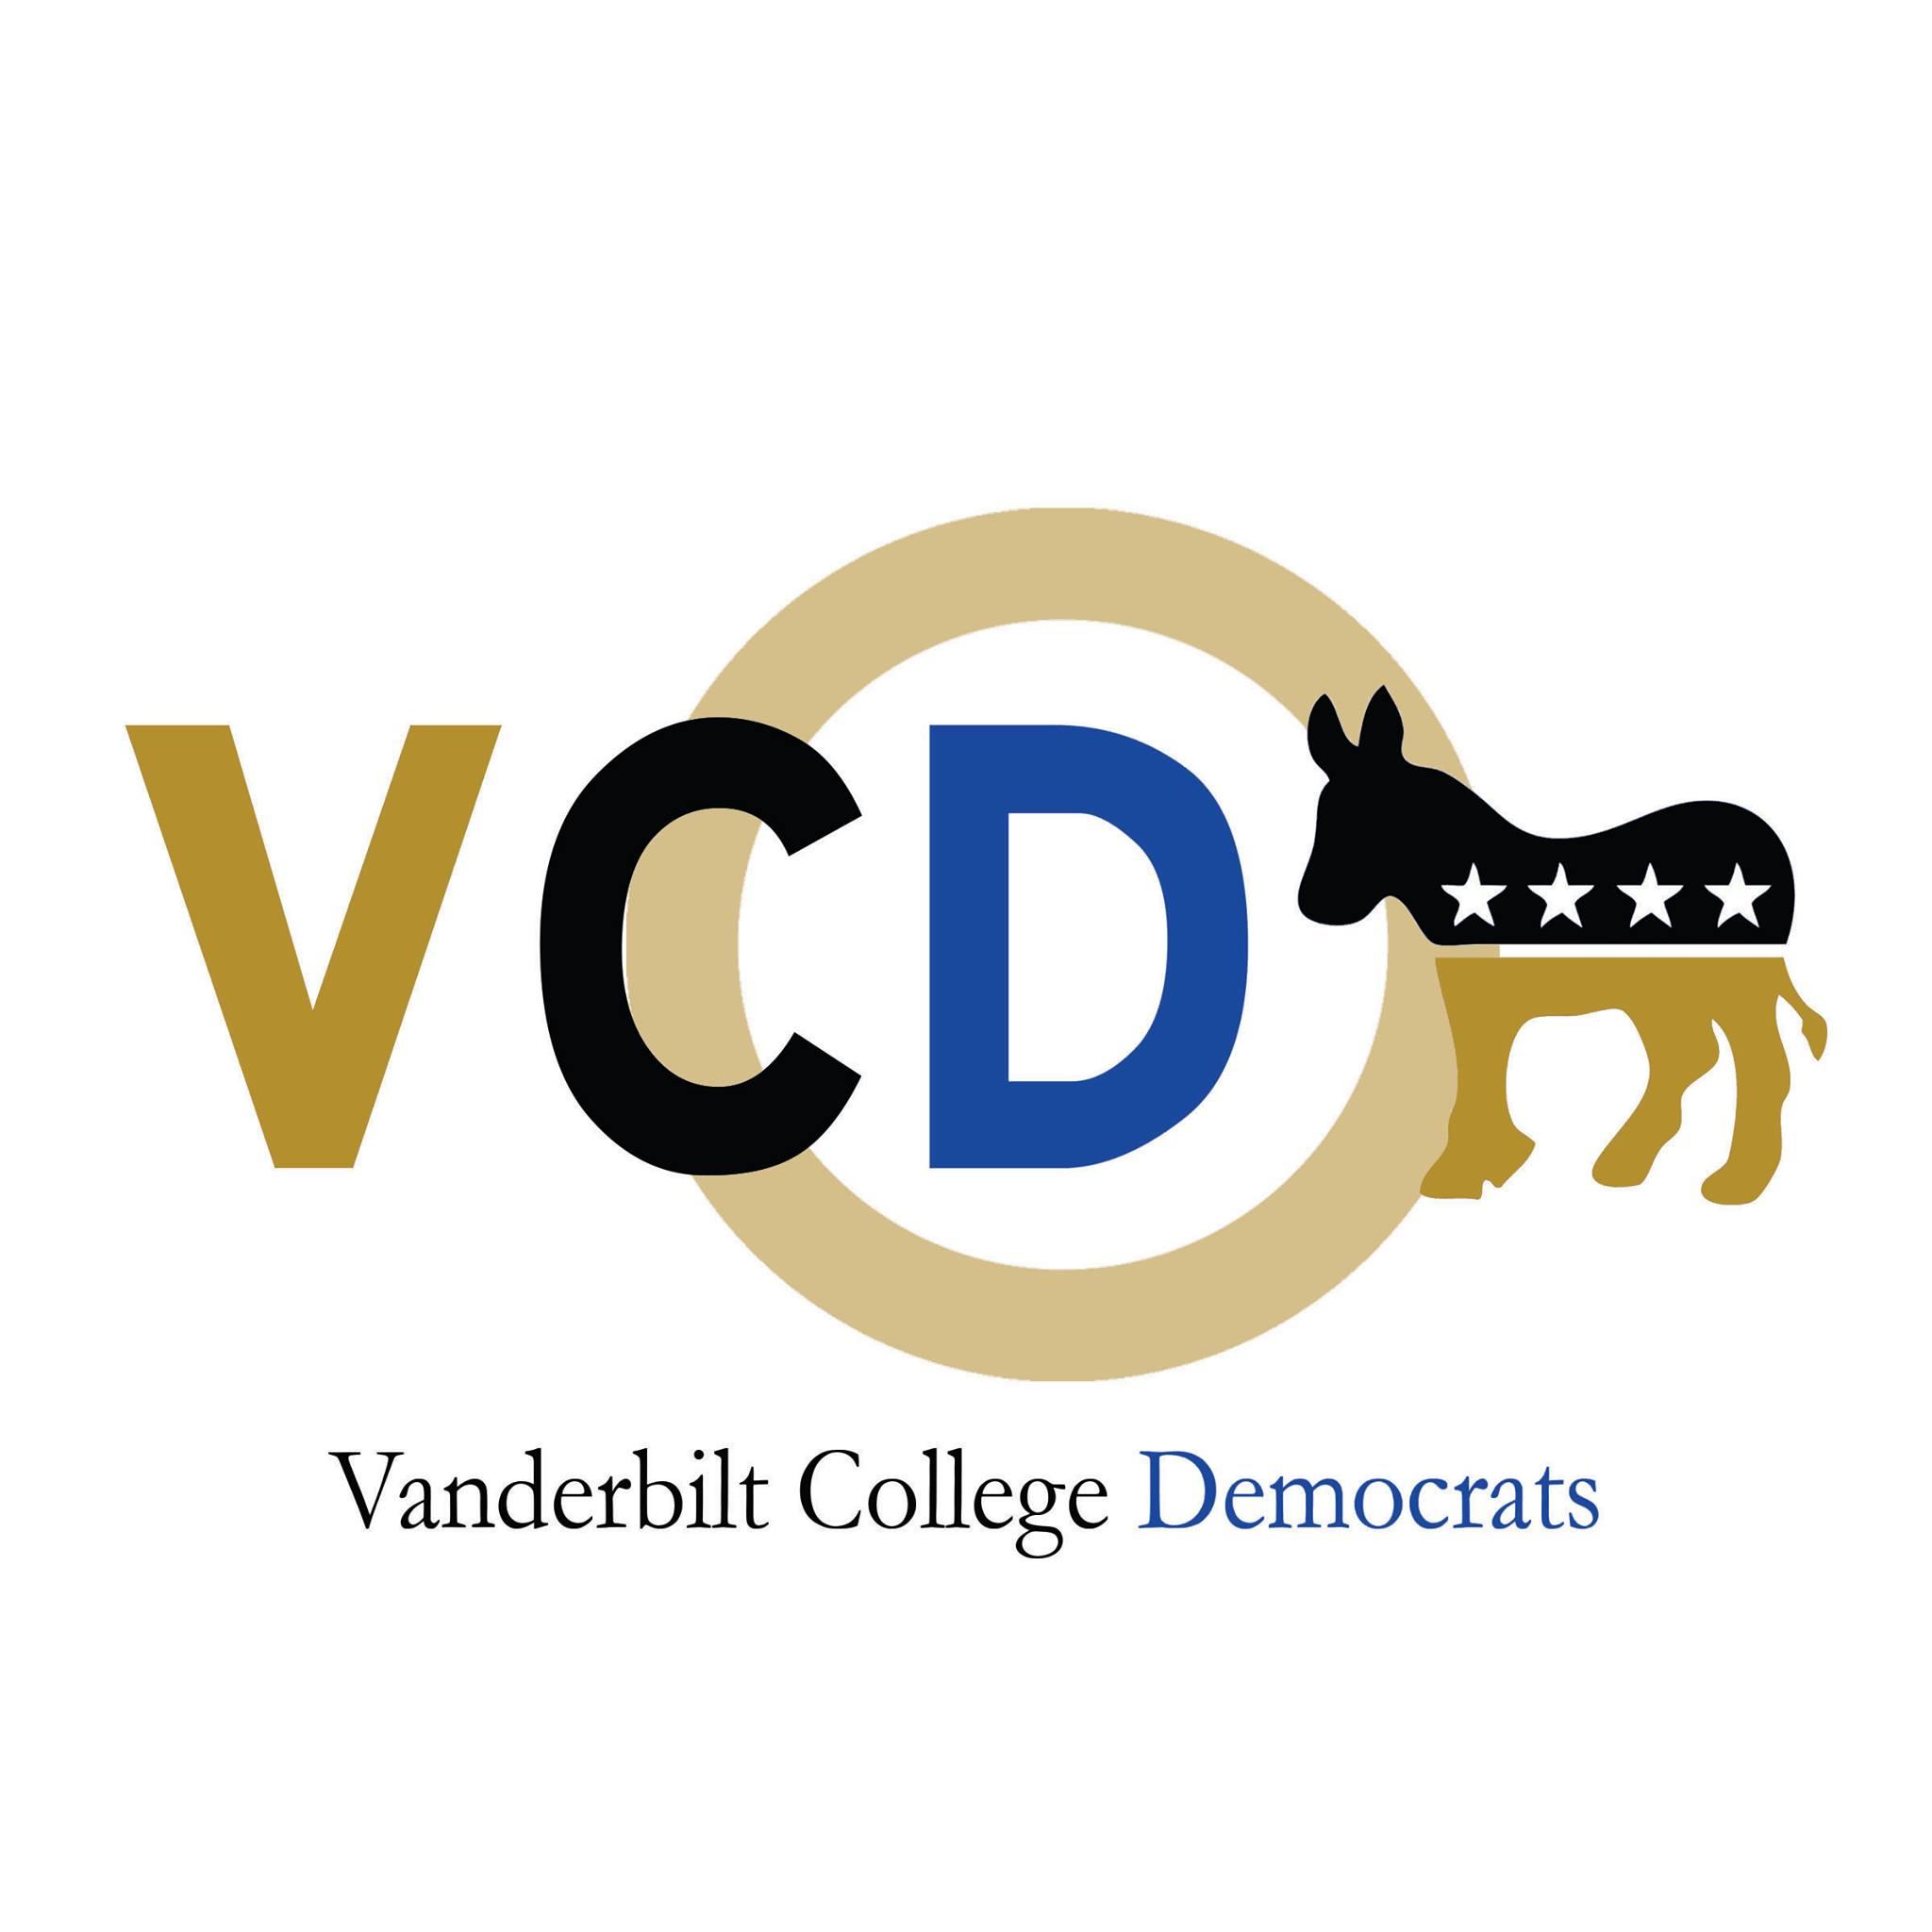 Vandy_CD_Logo.jpg